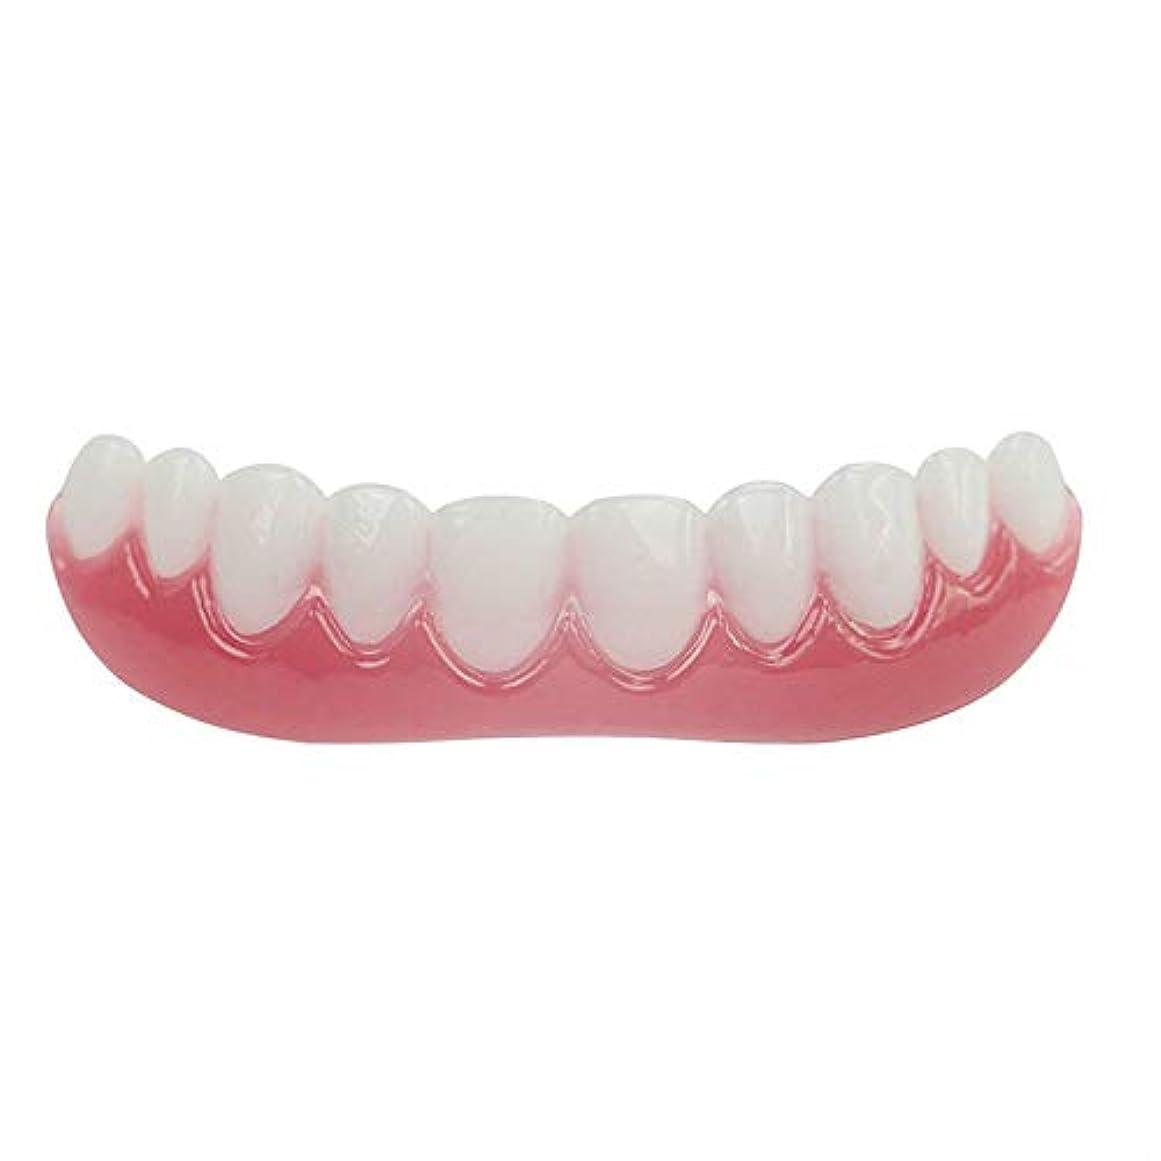 強化宣伝殺しますシリコーンシミュレーション義歯、歯科用ベニヤホワイトトゥースセット(3個),Colorbox,Lower